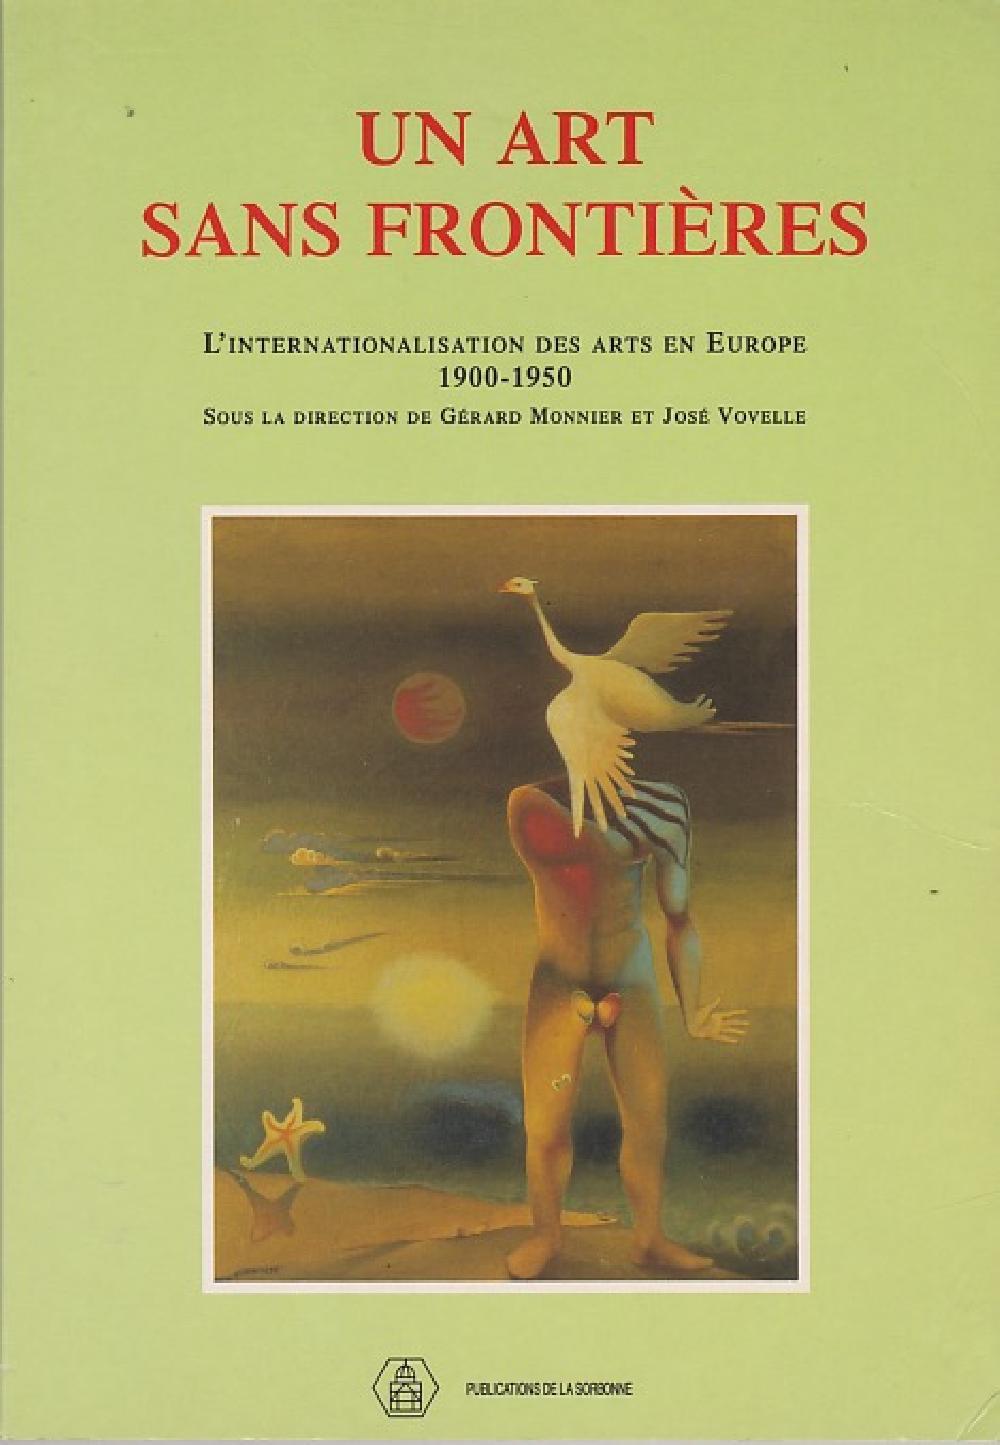 Un art sans frontières - L'internationalisation des arts en Europe (1900-1950)